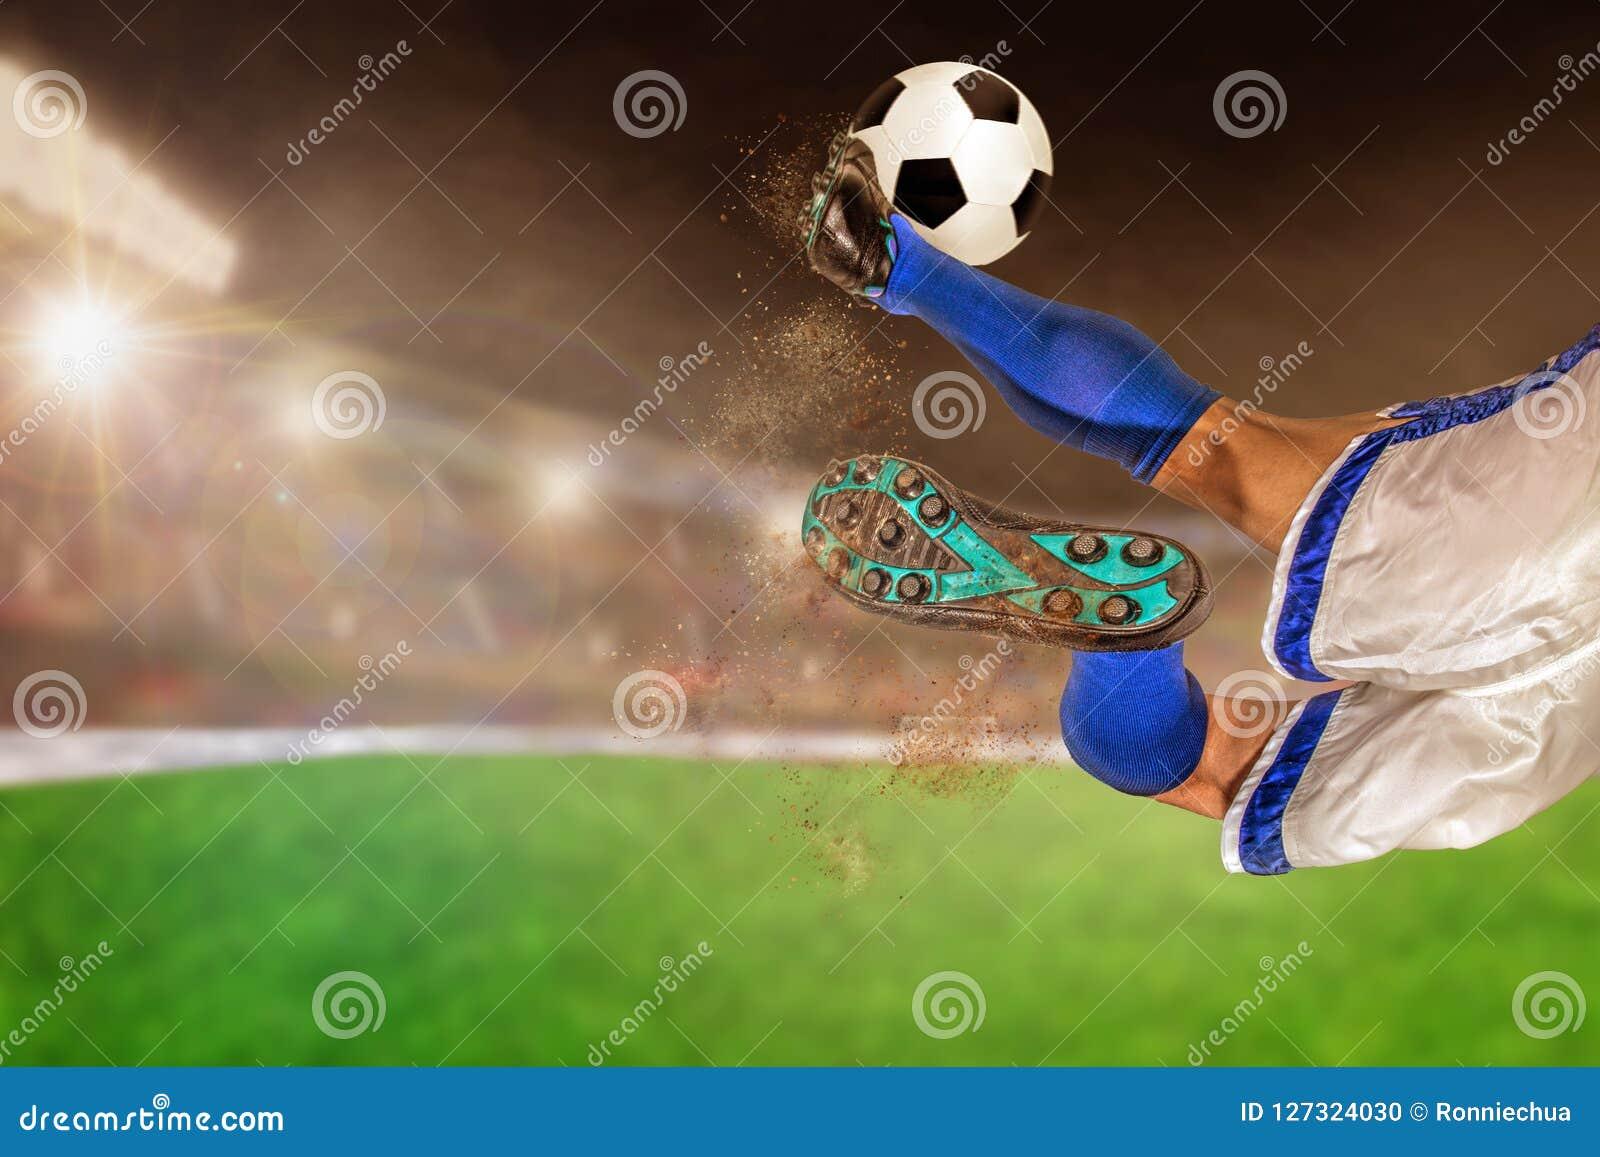 Fútbol de retroceso con el pie del jugador de fútbol en estadio al aire libre con la copia Spac